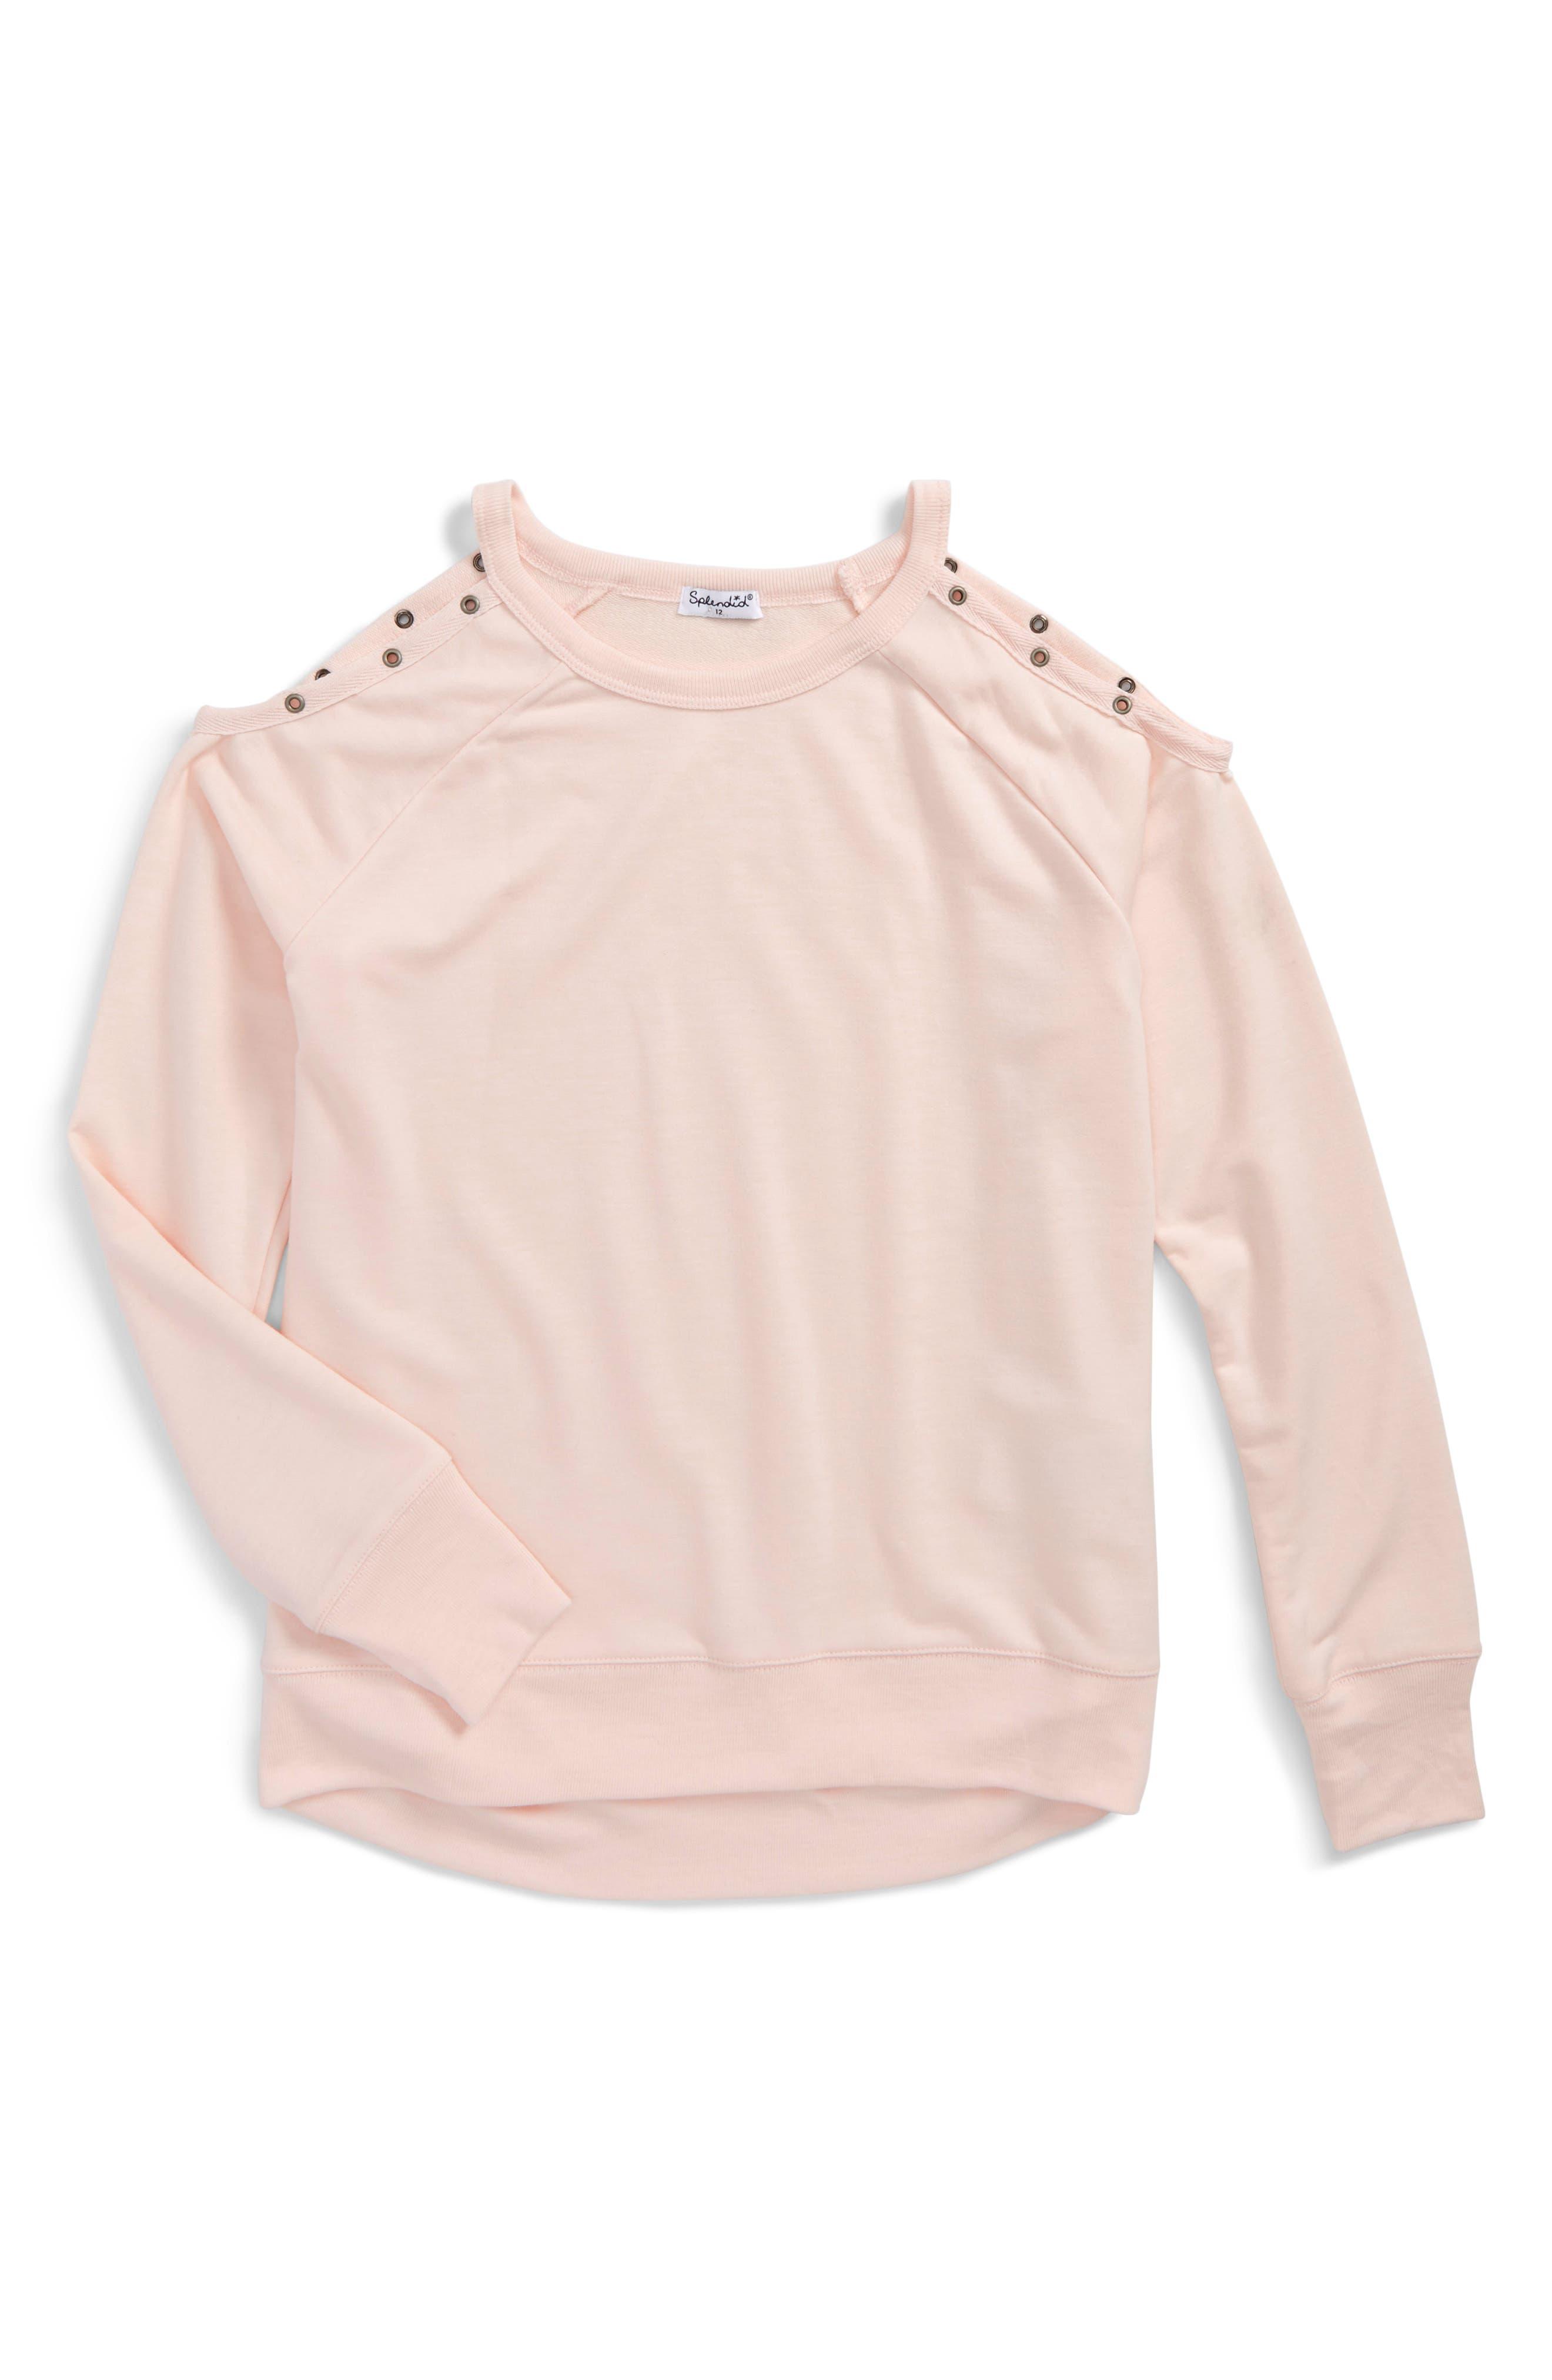 Alternate Image 1 Selected - Splendid Cold Shoulder Sweatshirt (Big Girls)